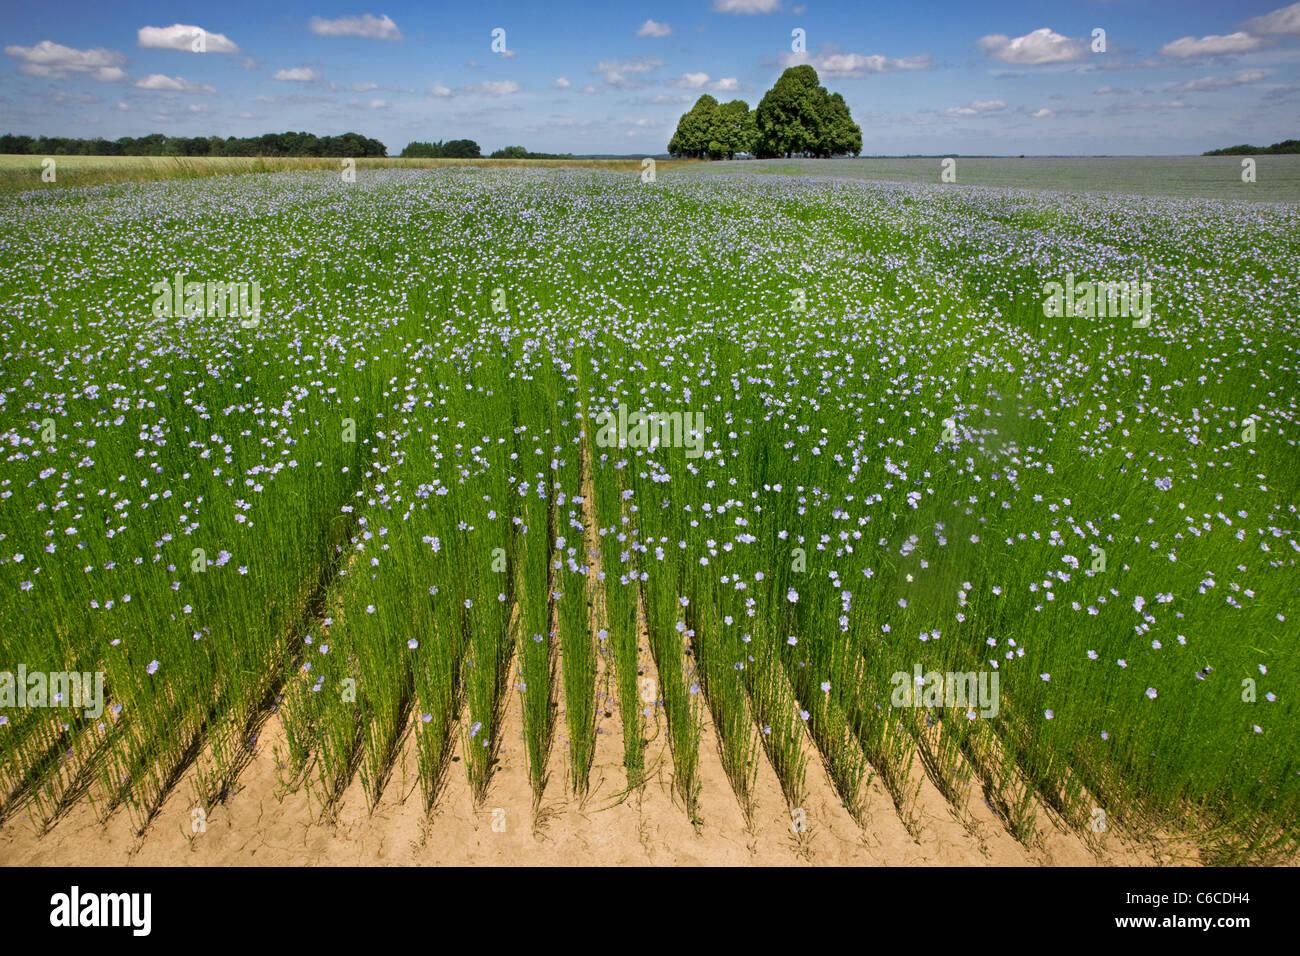 Flax field (Linum usitatissimum) in flower in summer, West Flanders, Belgium - Stock Image